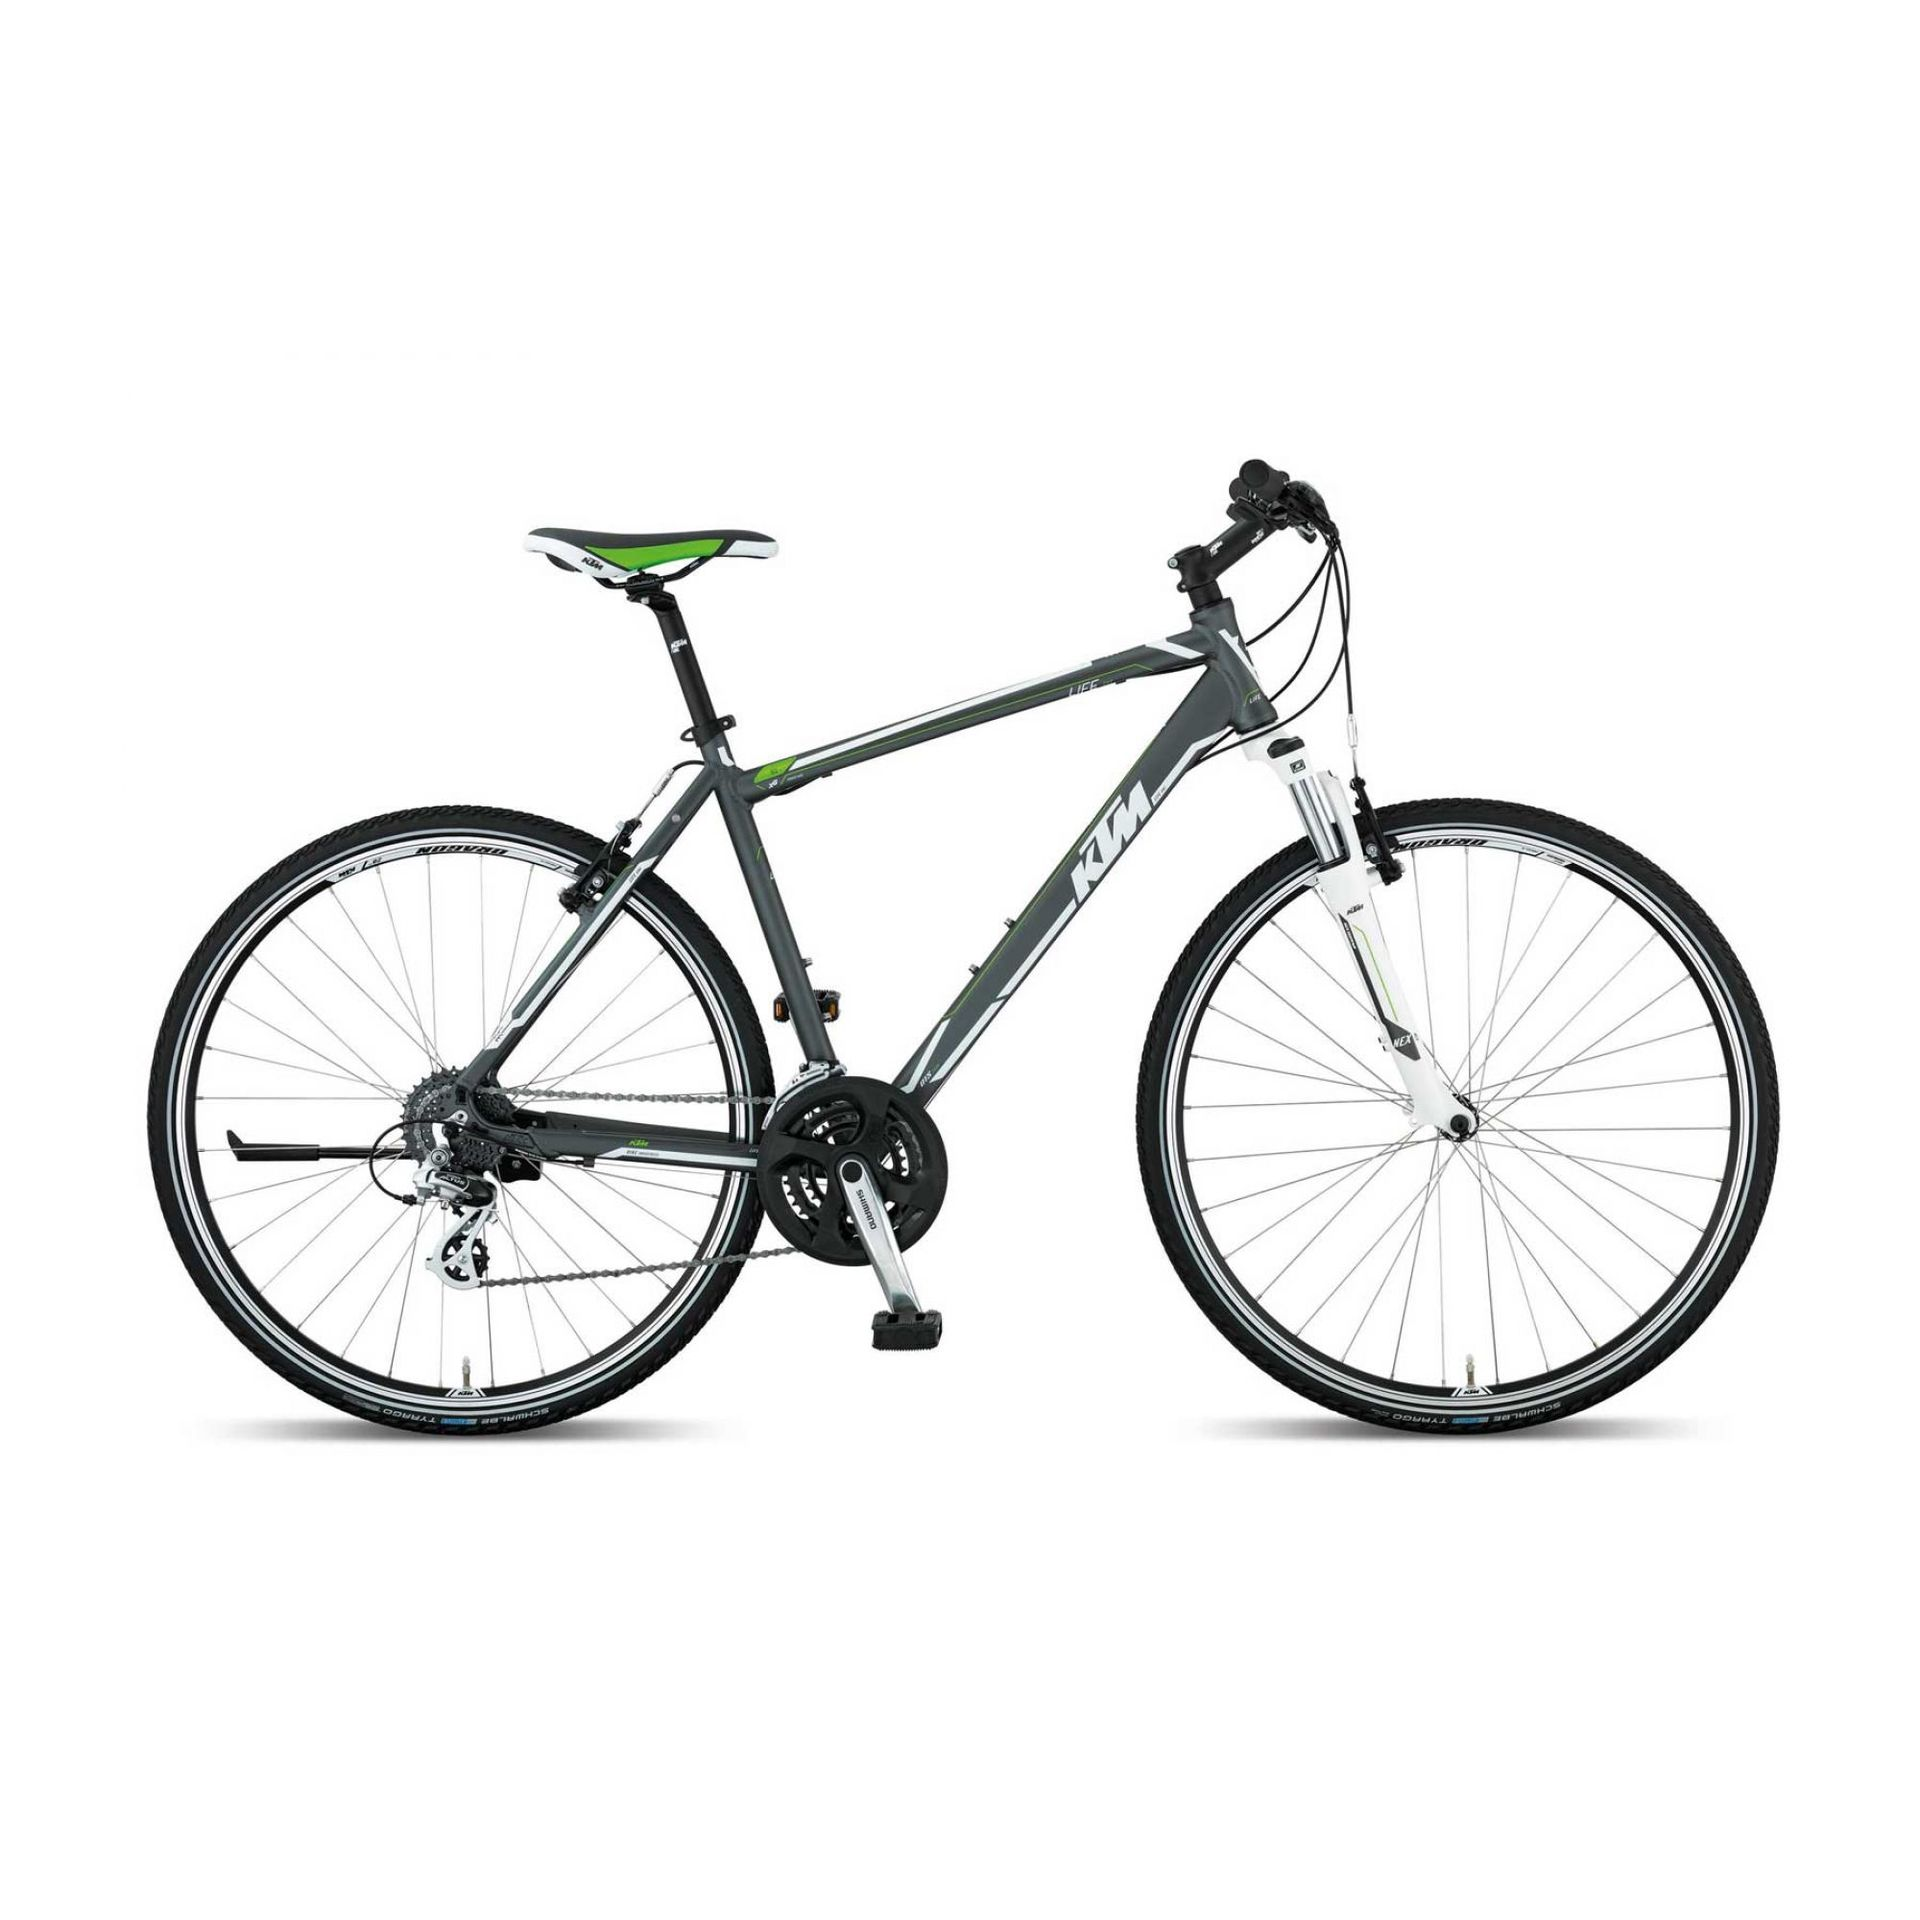 Rower Ktm Life One szary|biały|zielony